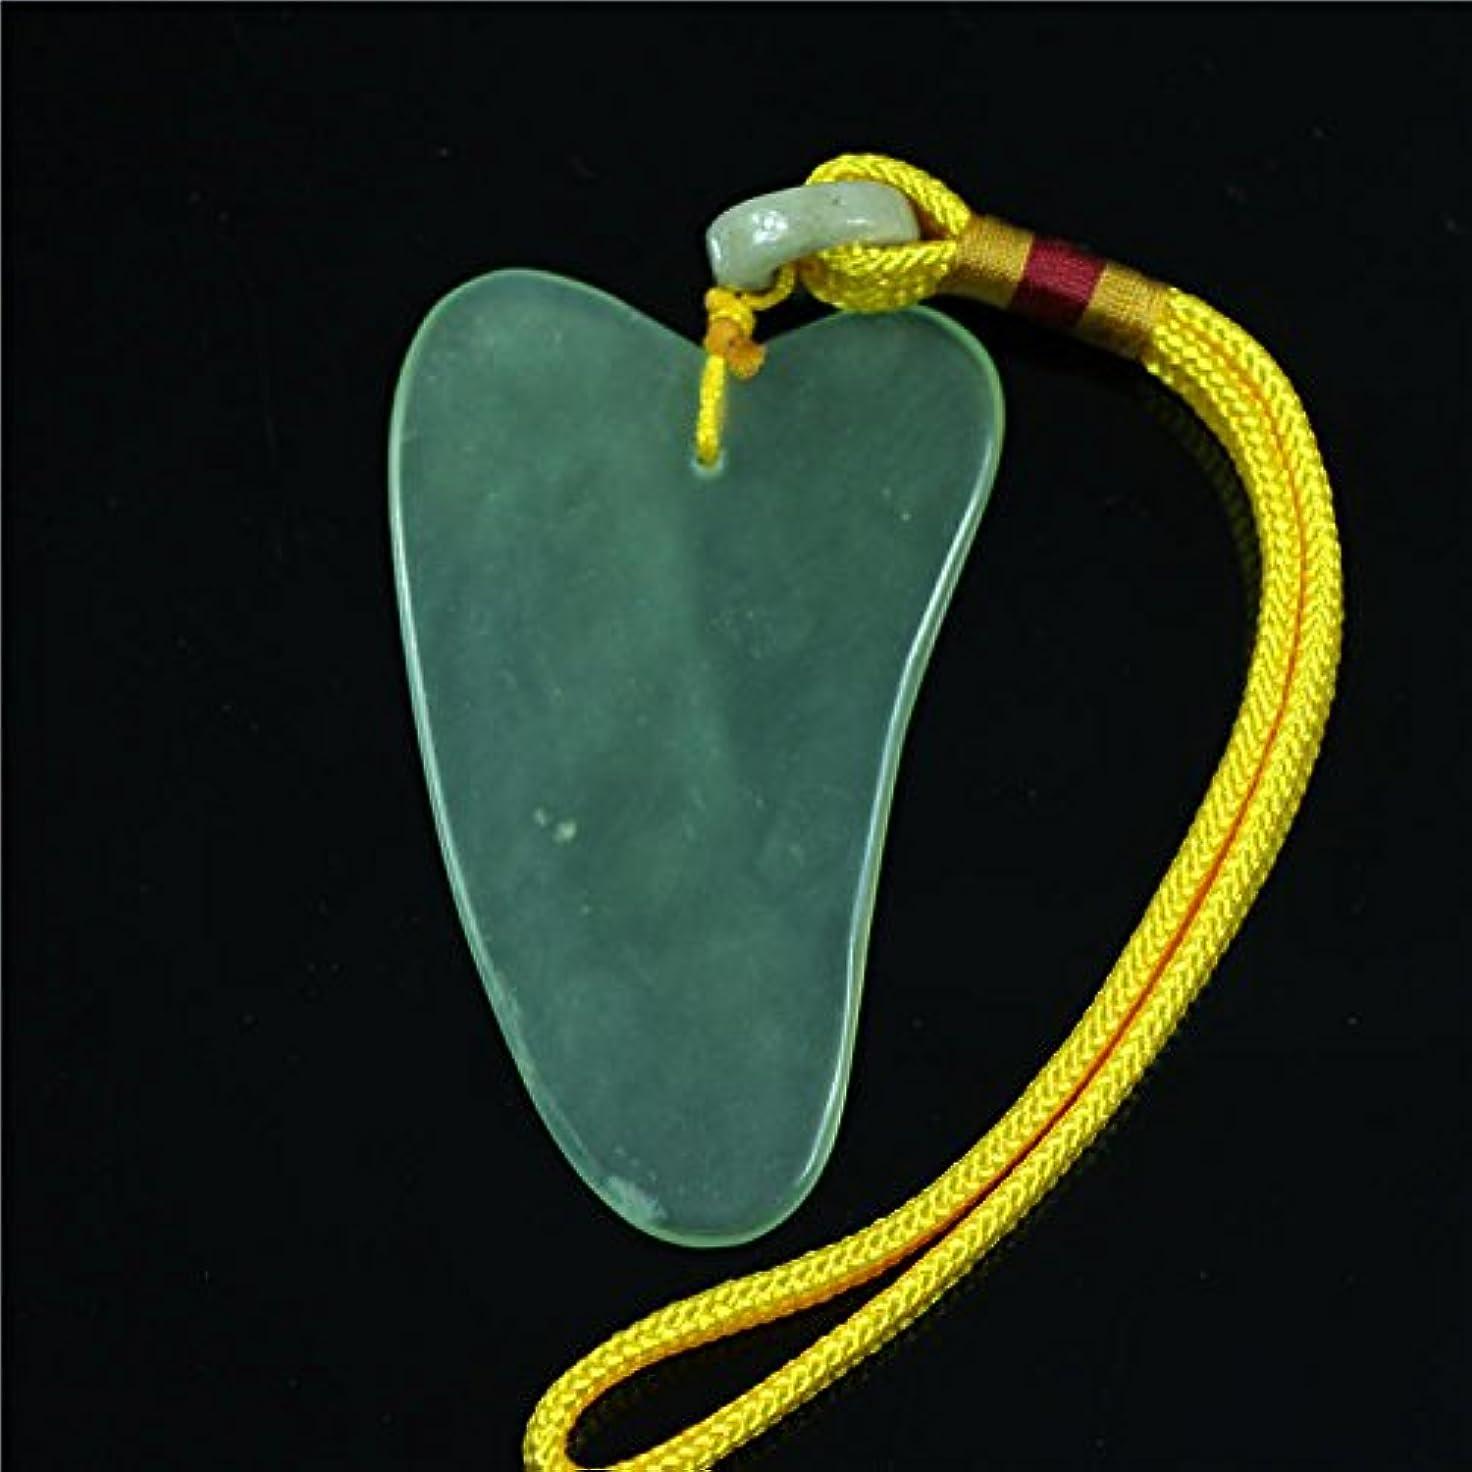 裁定がんばり続ける杭Face / Body Massage Natural Jade Boardかっさプレート 天然石 翡翠(顔?ボディのリンパマッサージ) (かっさプレートH)